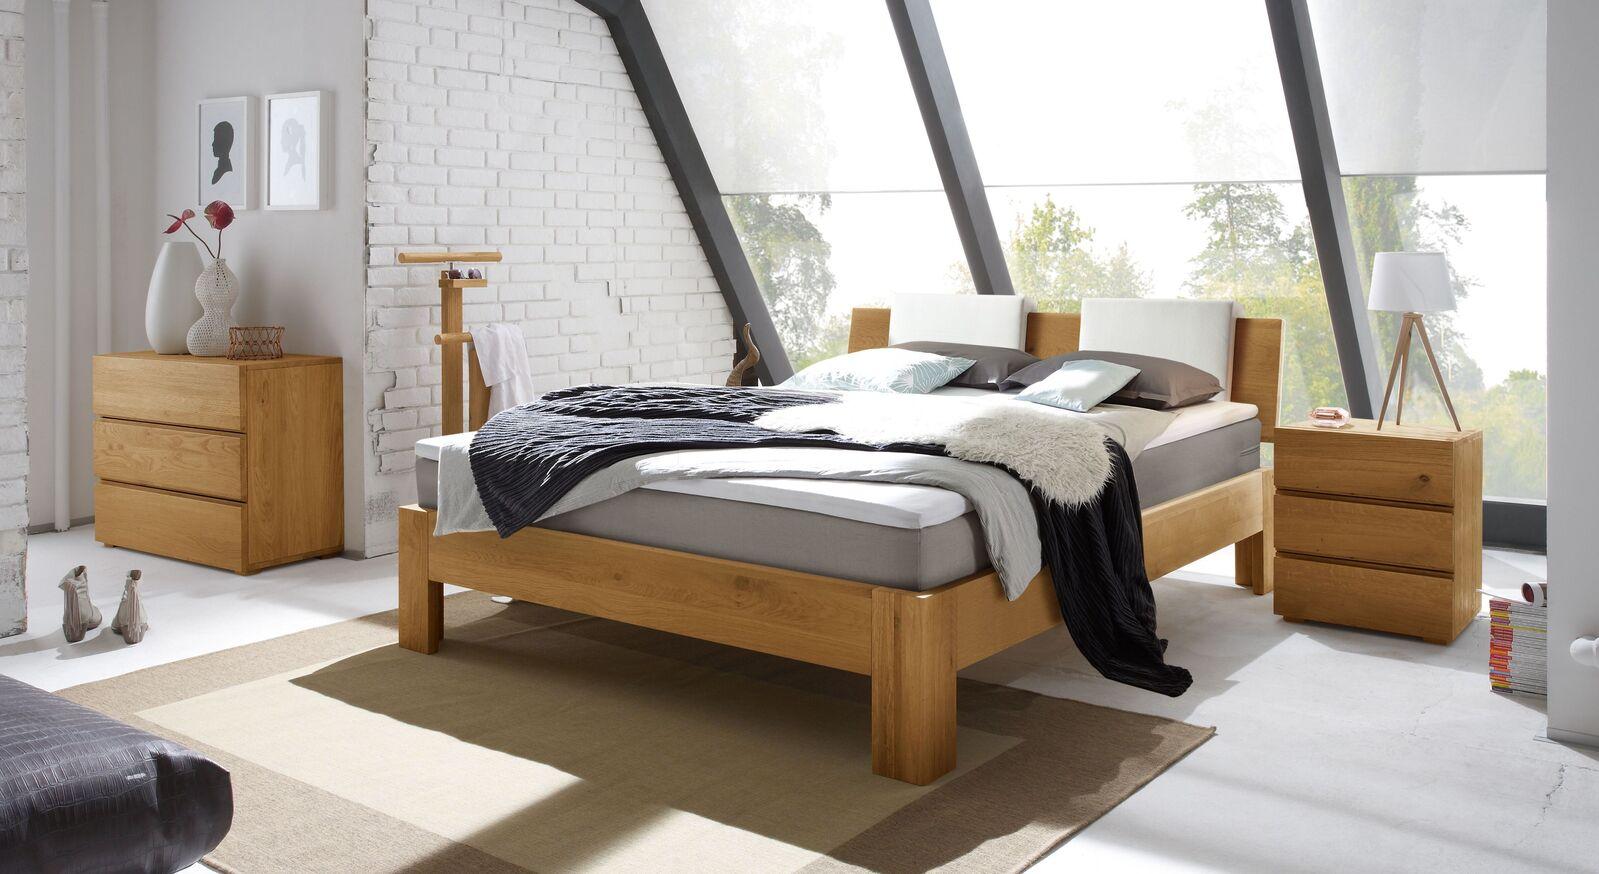 Boxspringbett Kingston mit passenden Accessoires fürs Schlafzimmer